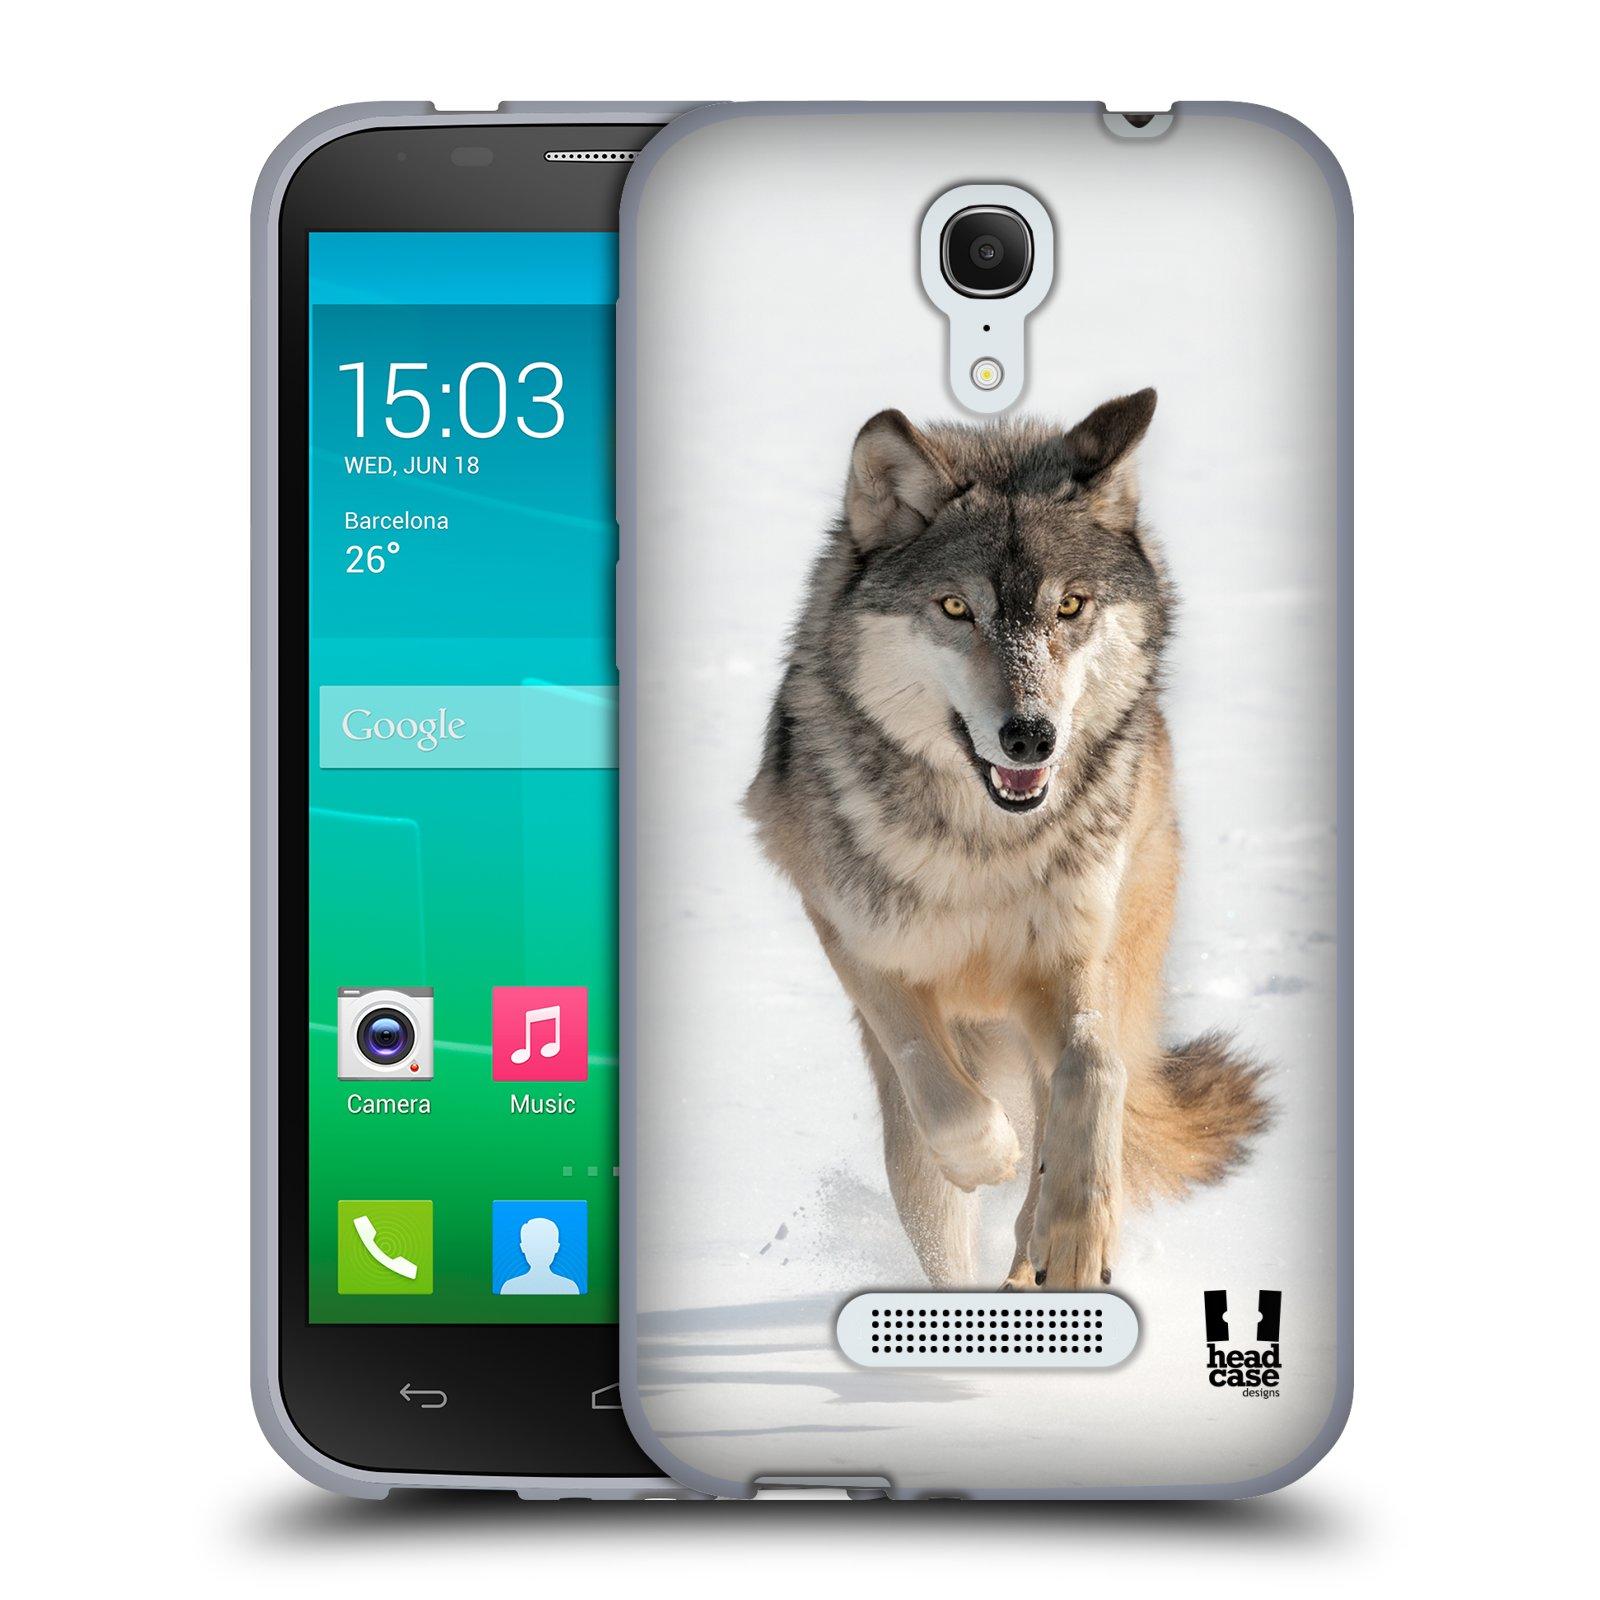 HEAD CASE silikonový obal na mobil Alcatel POP S7 vzor Divočina, Divoký život a zvířata foto BĚŽÍCÍ VLK